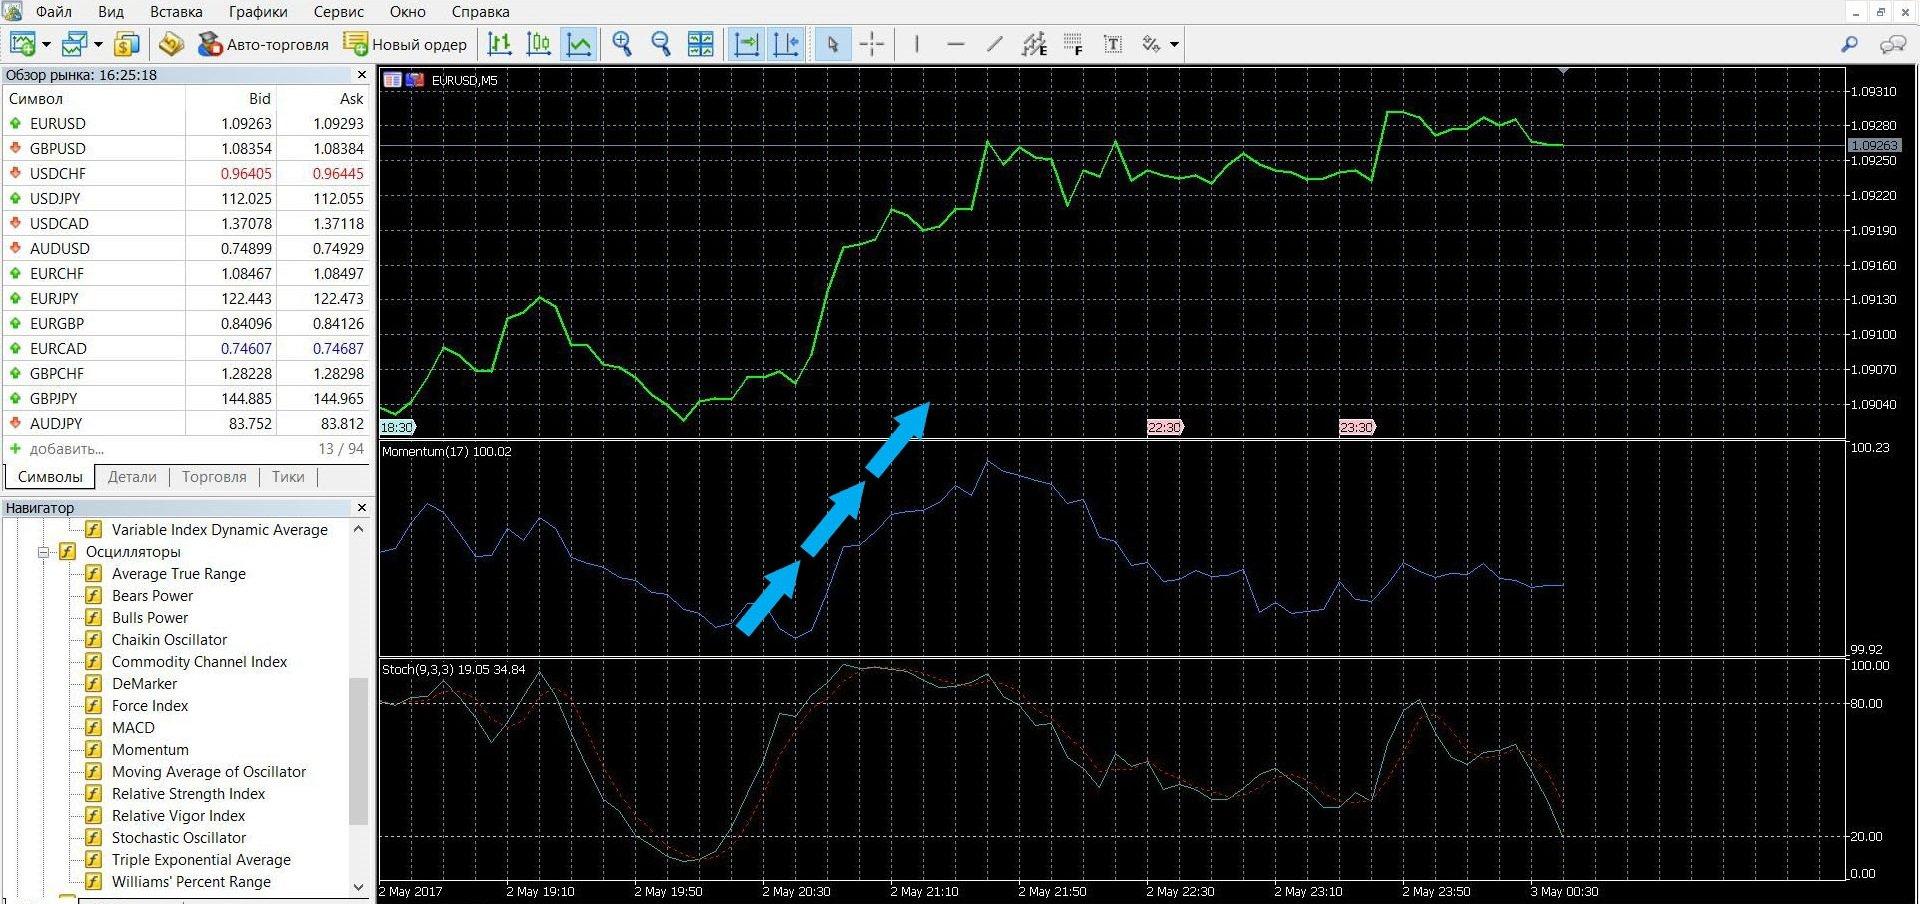 Восходящая тенденция цены на торговой платформе Метатрейдер 4